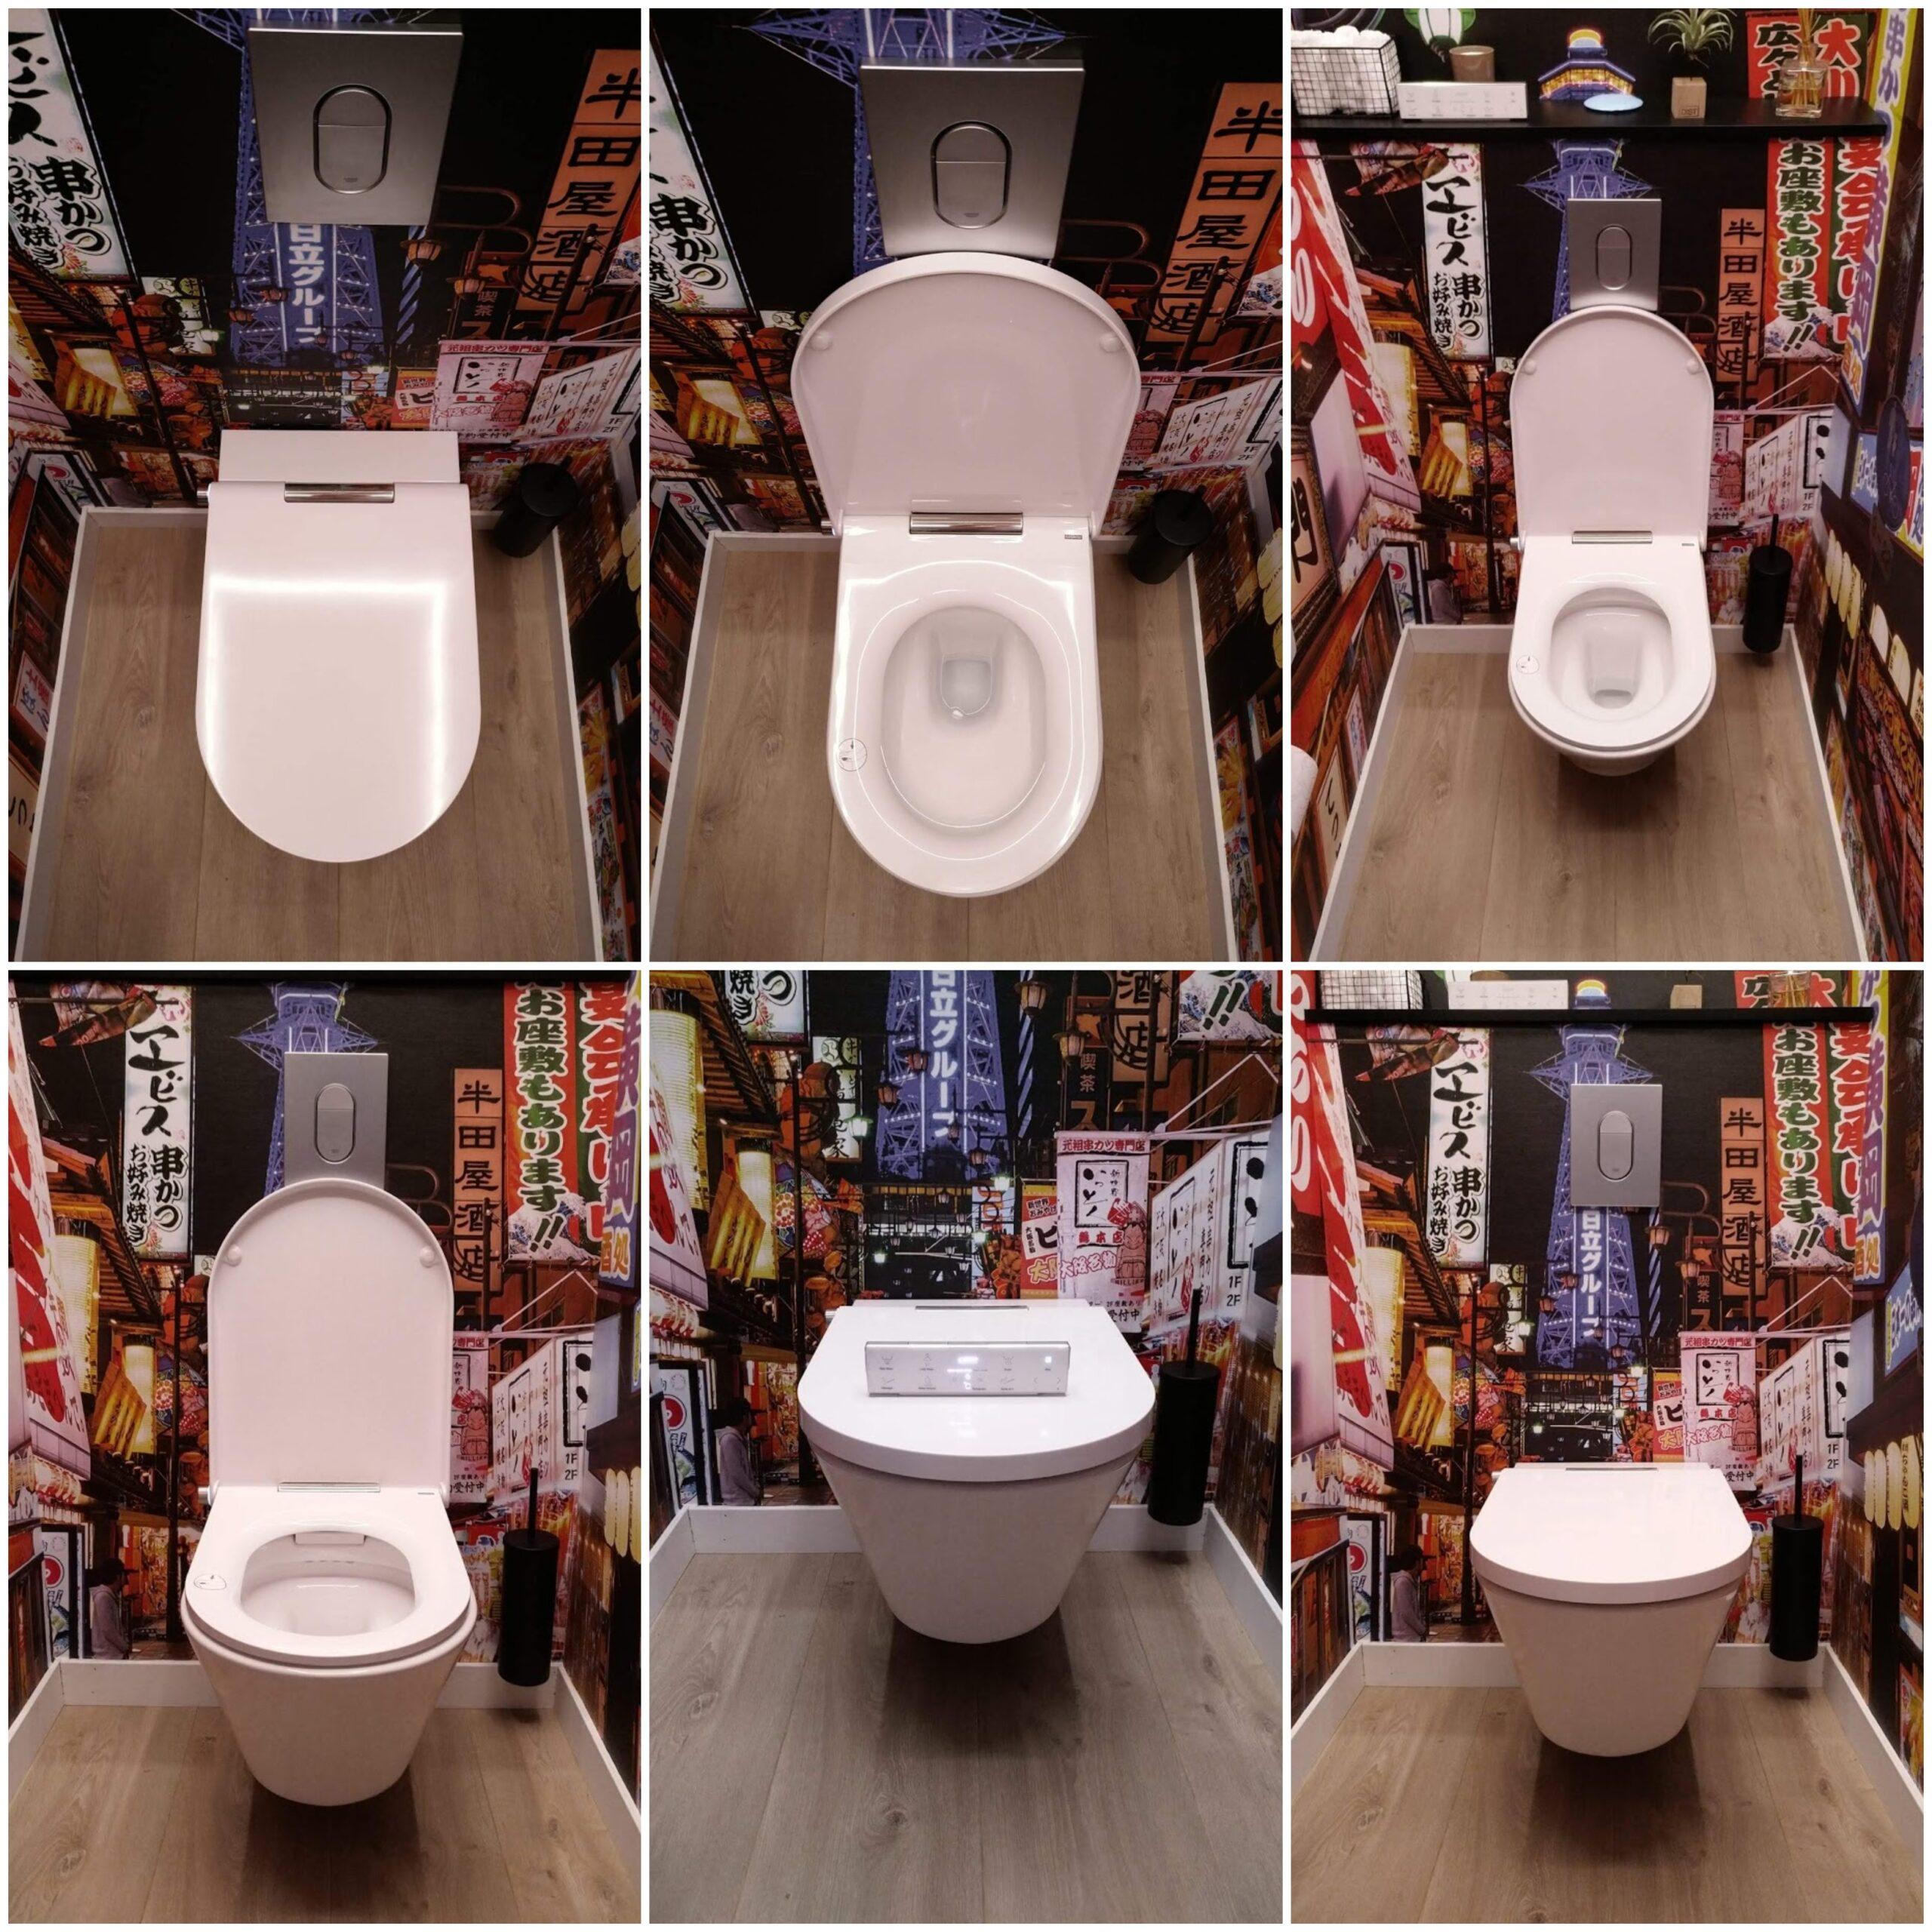 Full Size of Dusch Wc Test Das Axent One Plus Unsere Kunden Sind Begeistert Zentrum Dusche Nischentür Ebenerdige Bodengleich Ebenerdig Hüppe Duschen Unterputz Armatur Dusche Dusch Wc Test